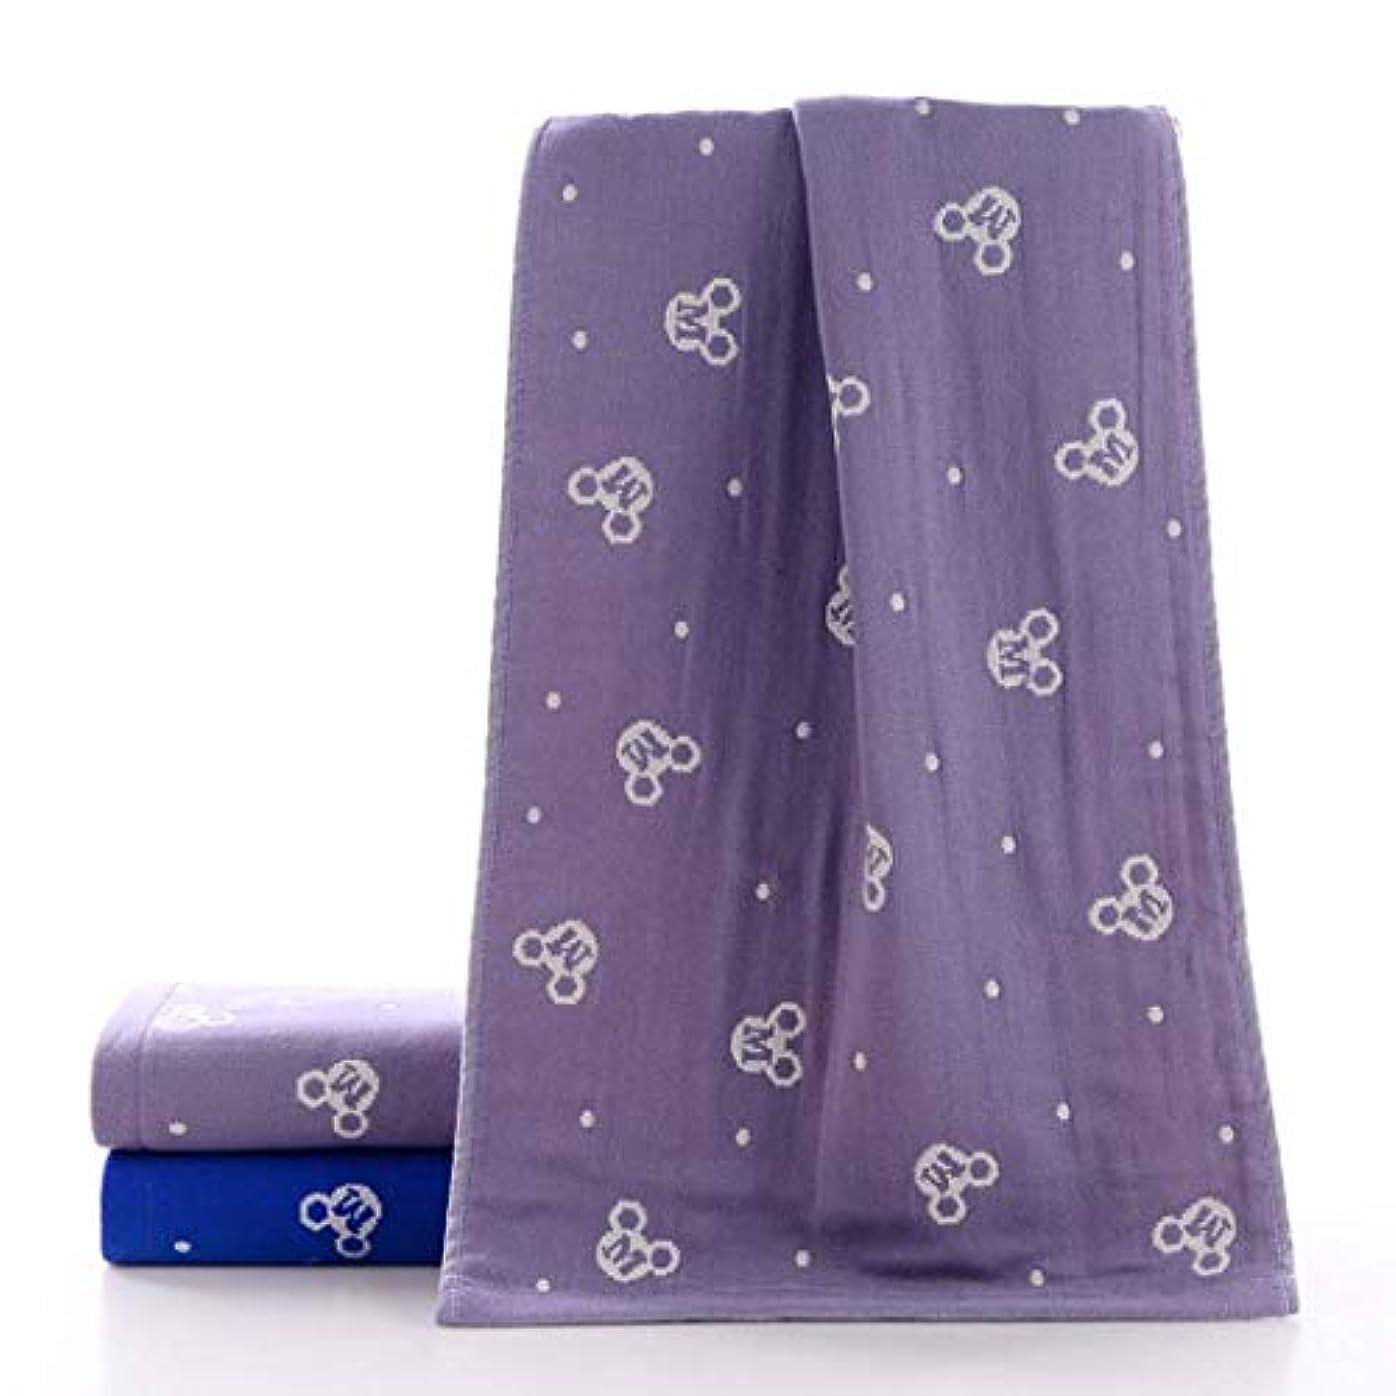 分気分風邪をひく高級コットンバスタオルタオルドライタオルソフト快適,Purple,34*75cm